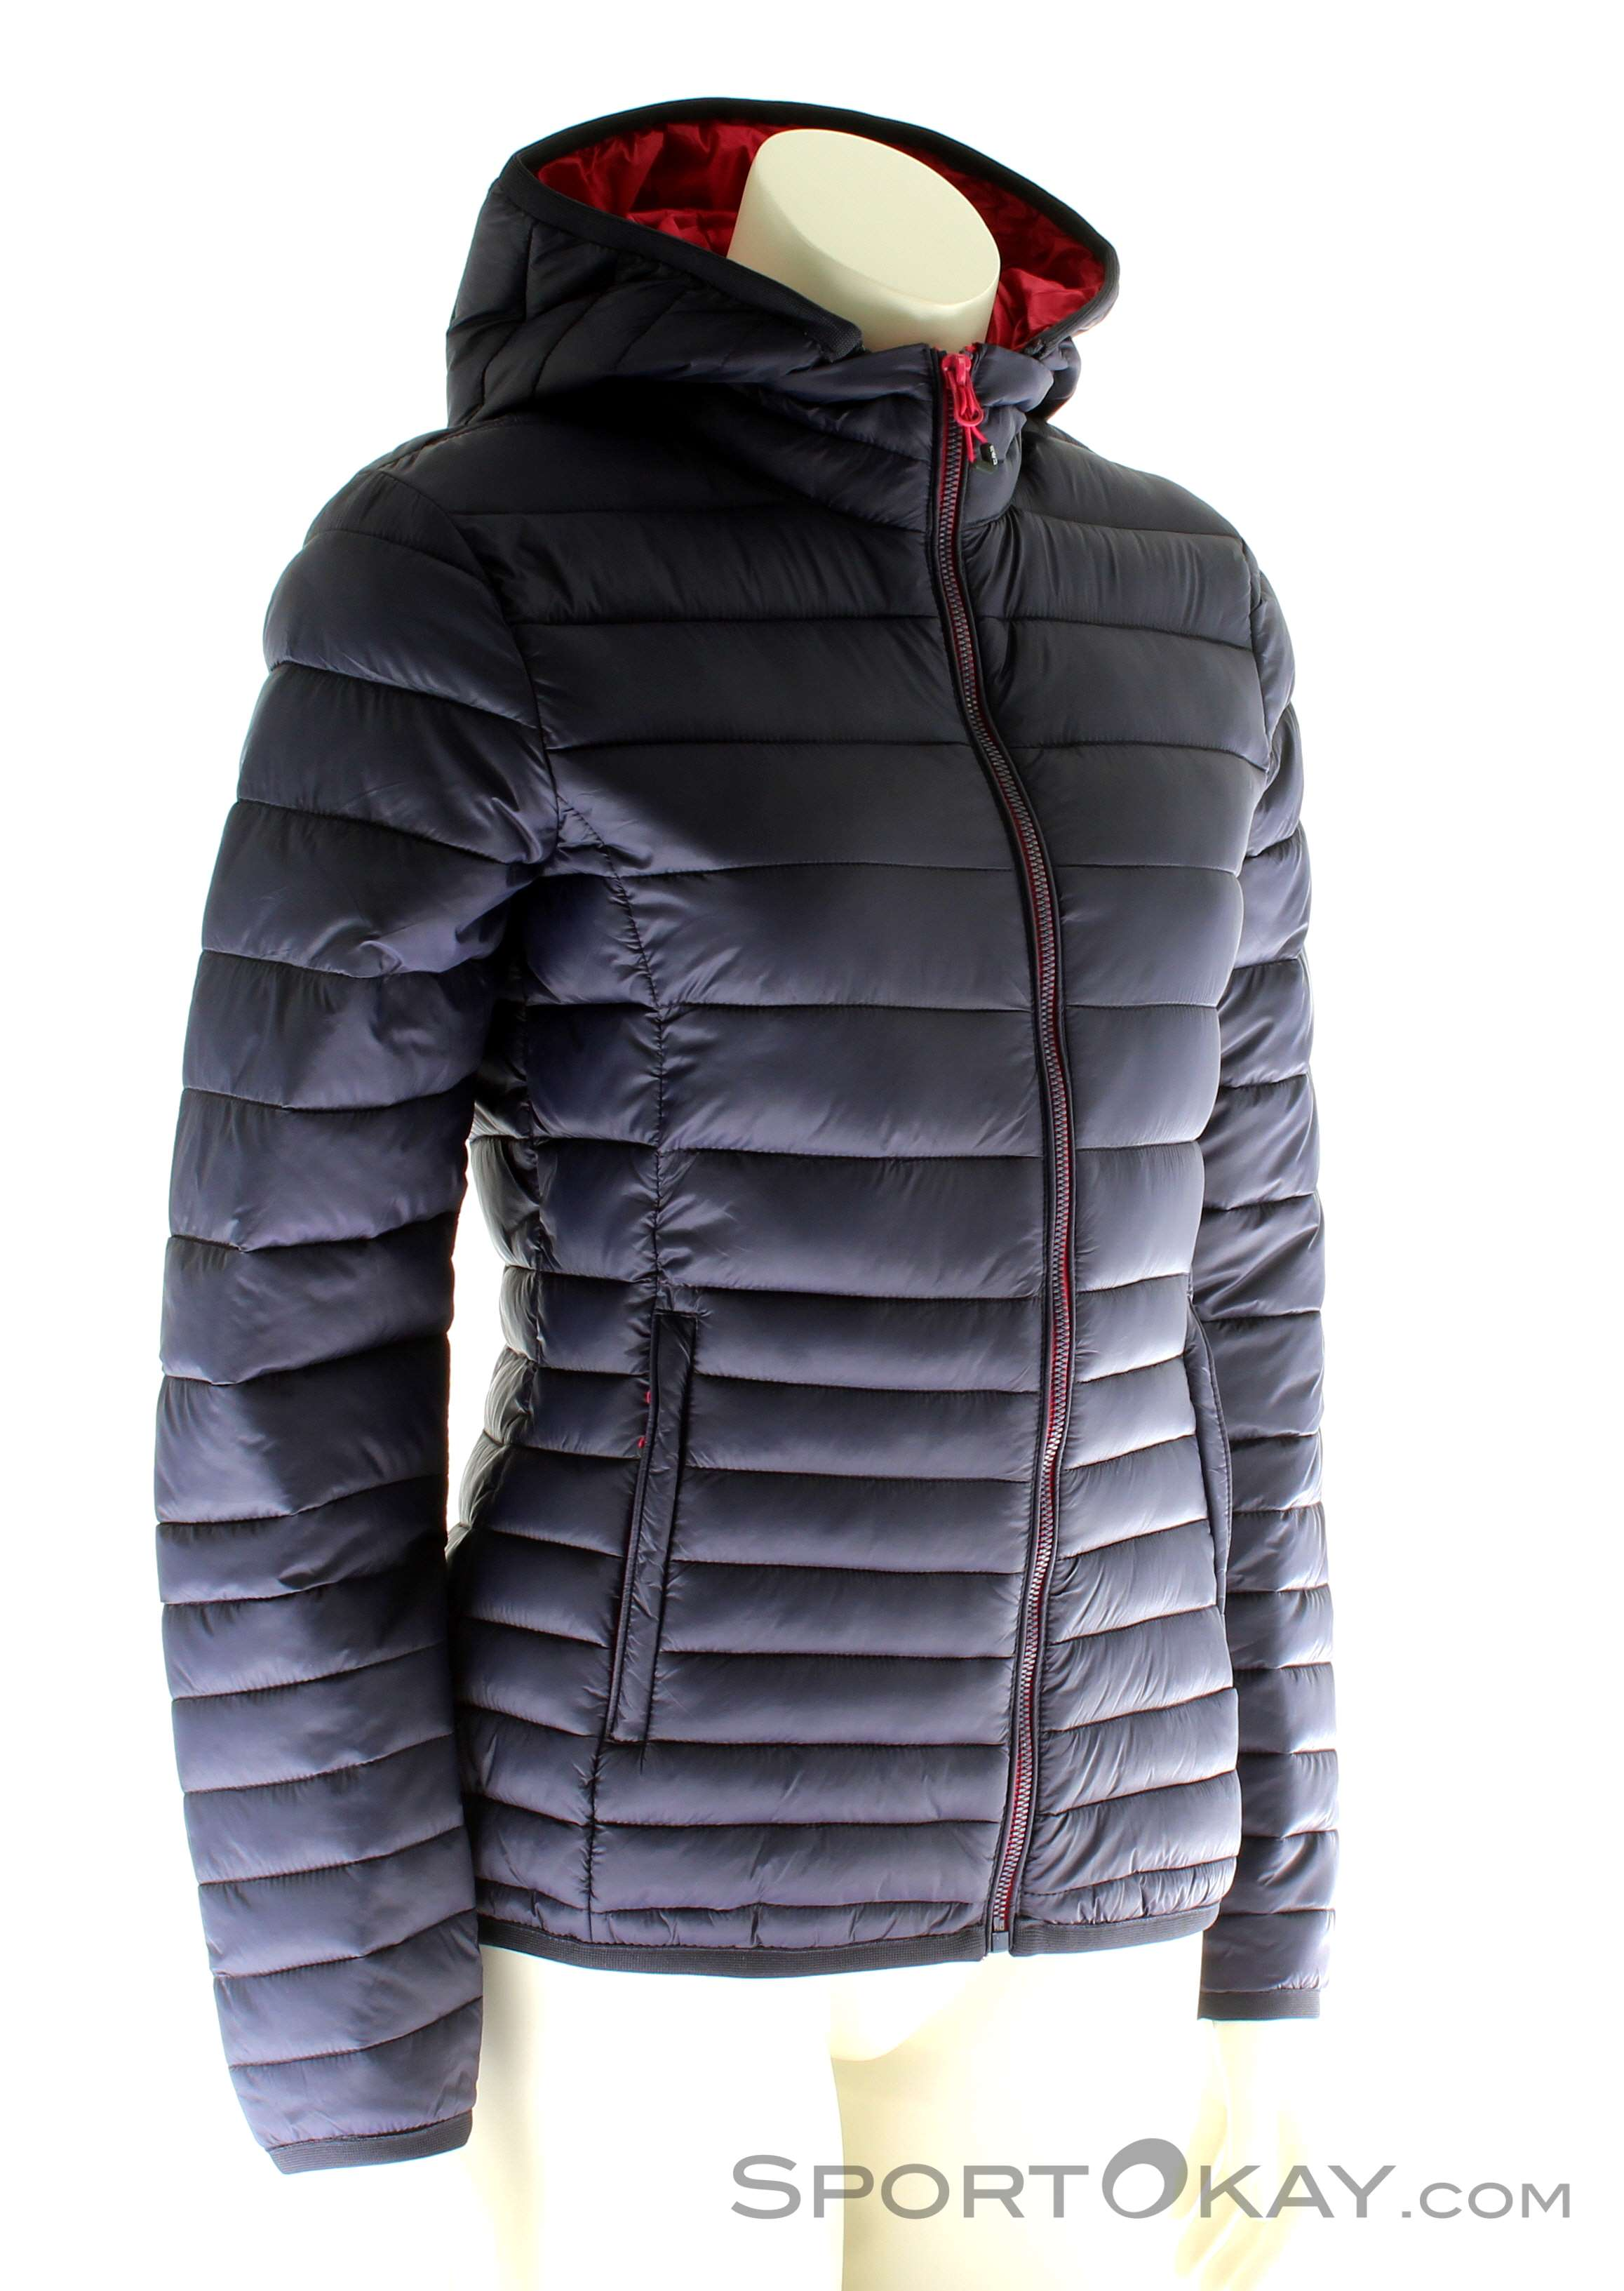 Cmp Jacken Outdoorjacke Hood Zip Damen Jacket Outdoorbekleidung pXPXrqwxI